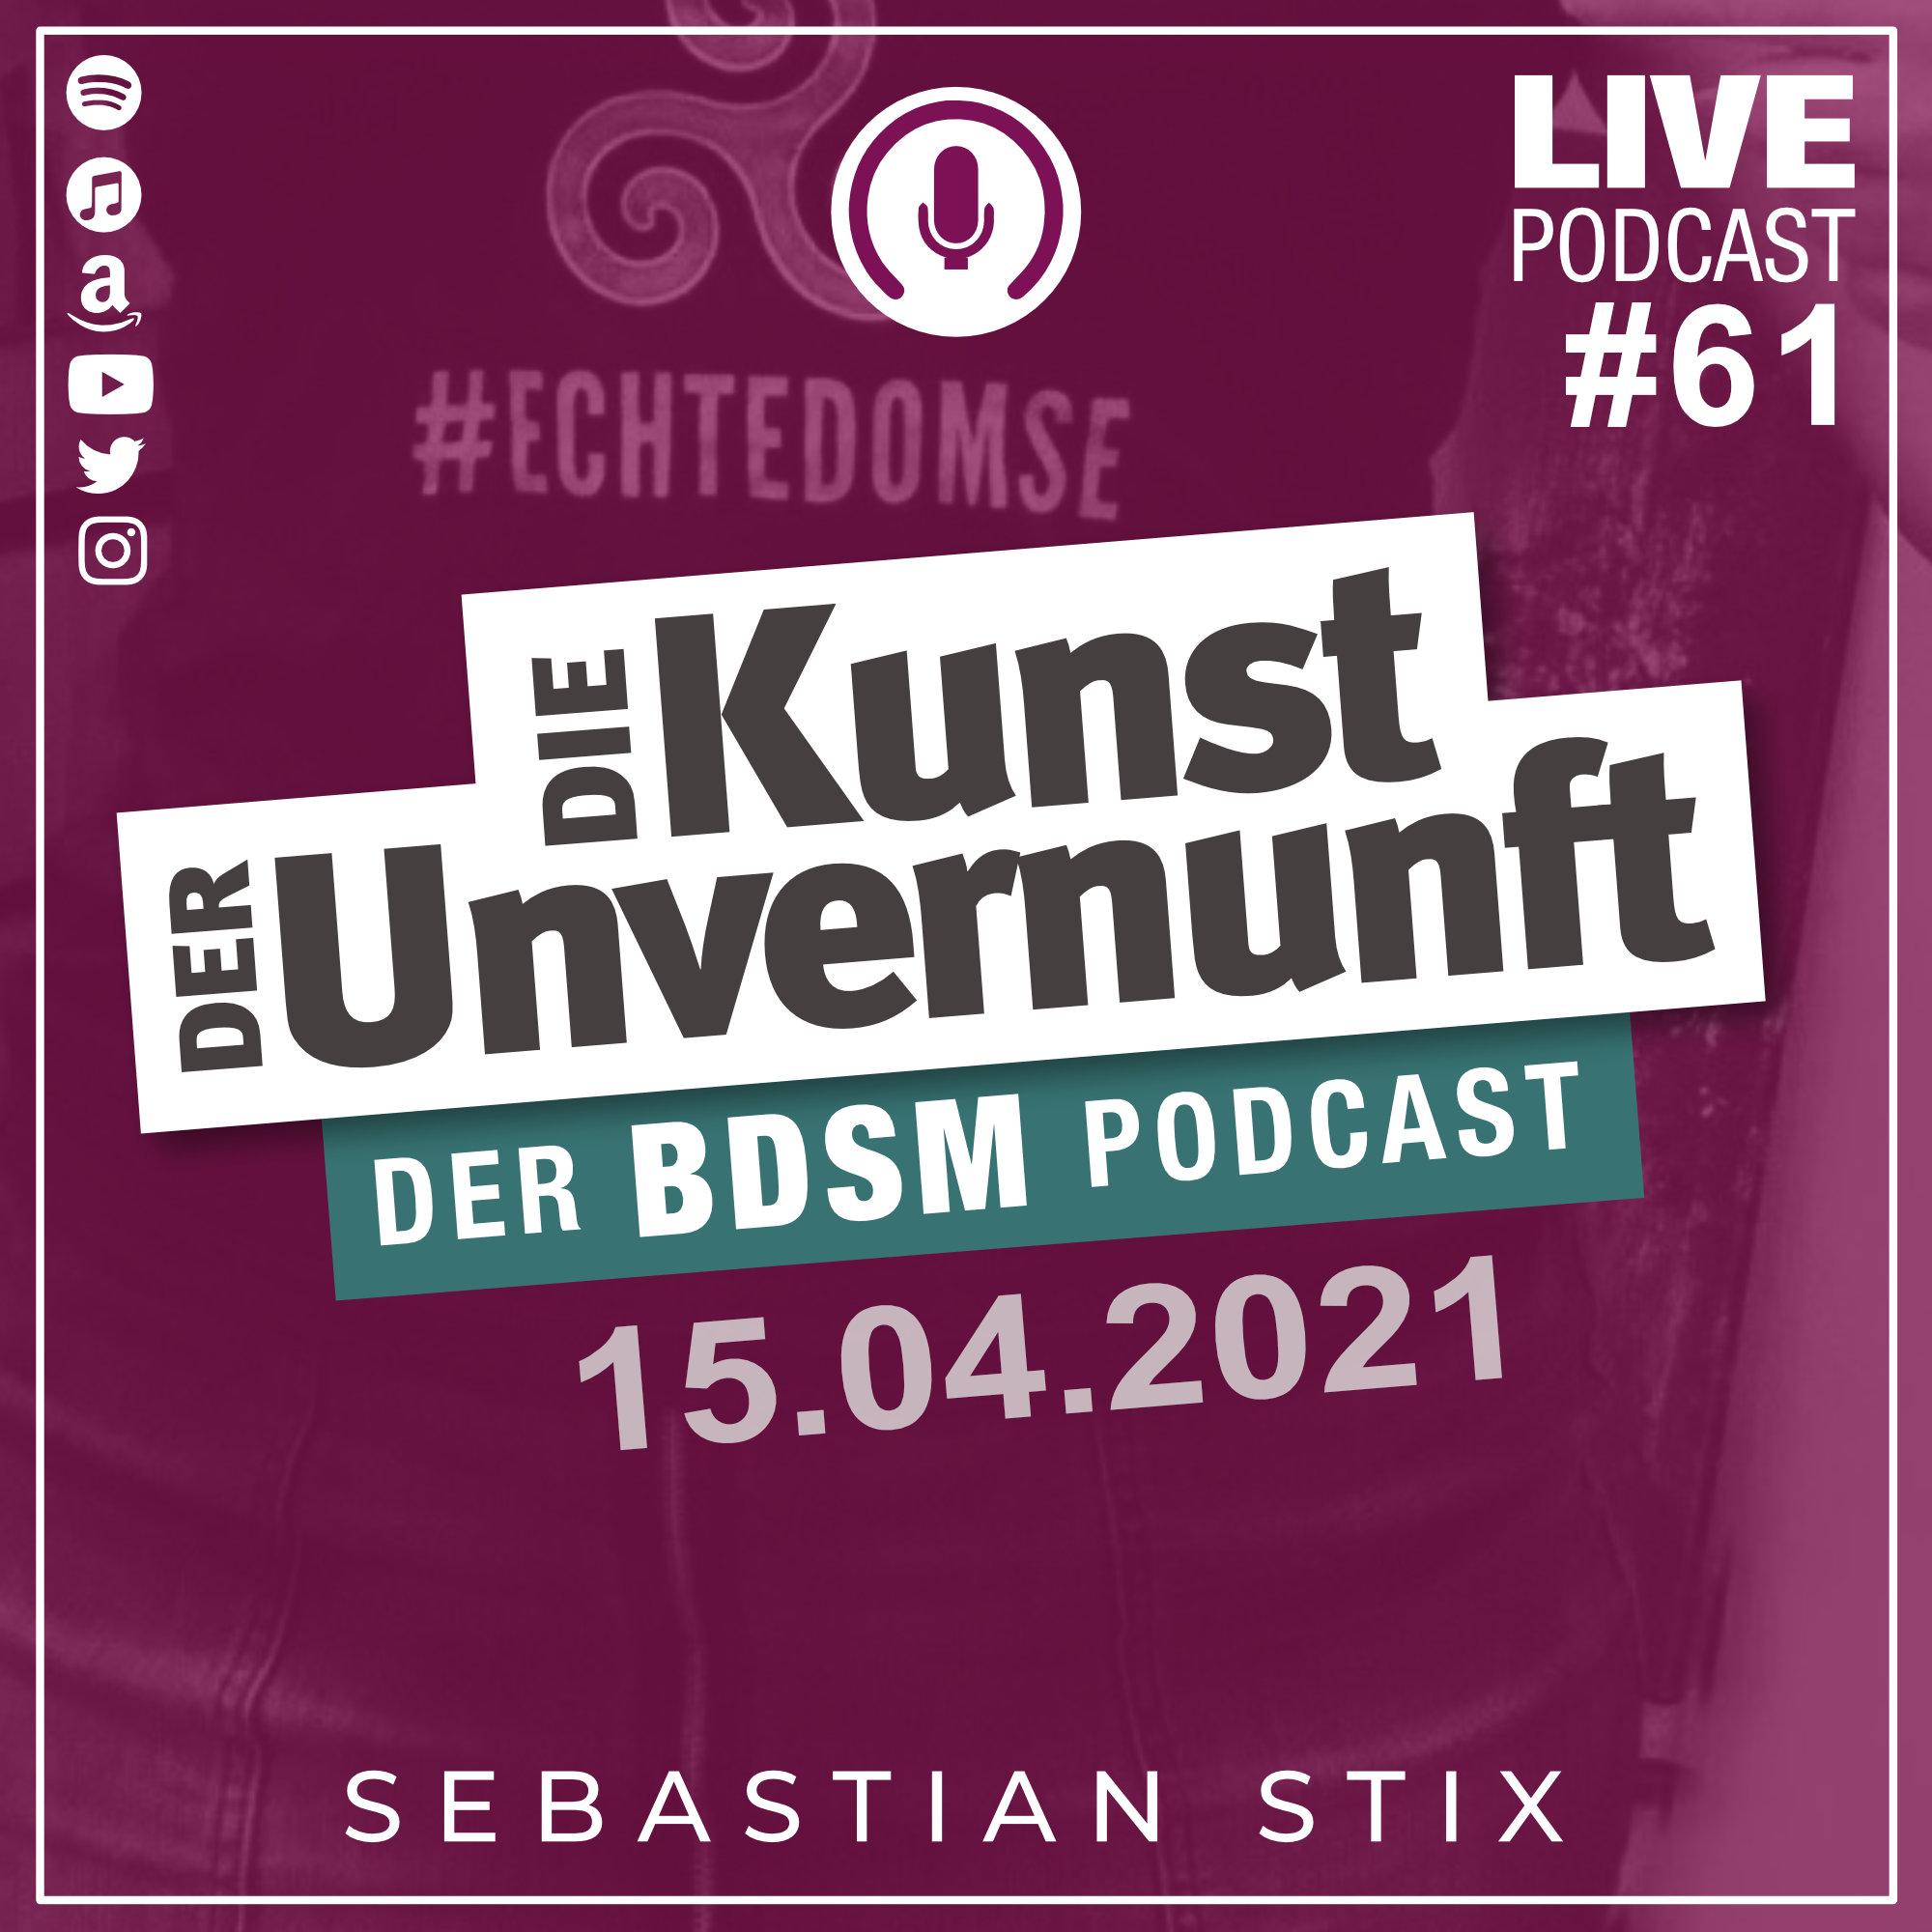 Unvernunft Live 15.04.2021 - Was hab ich euch vermisst